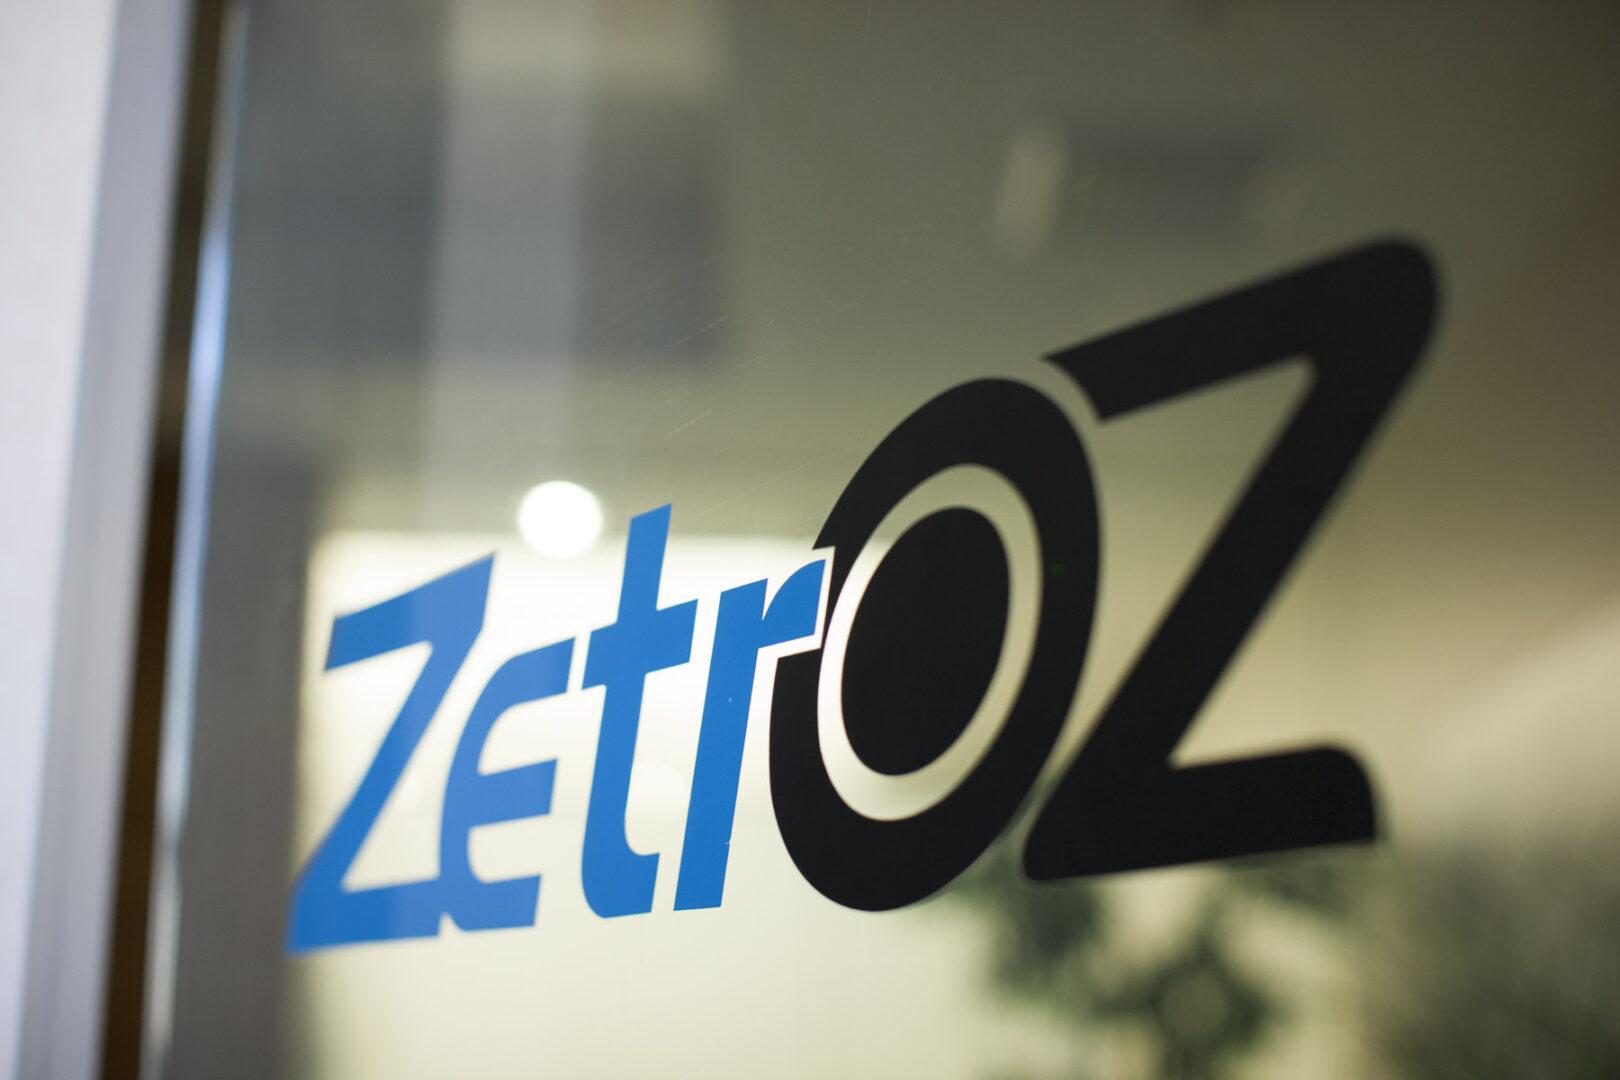 031115_ZetrOZ_Sign_10